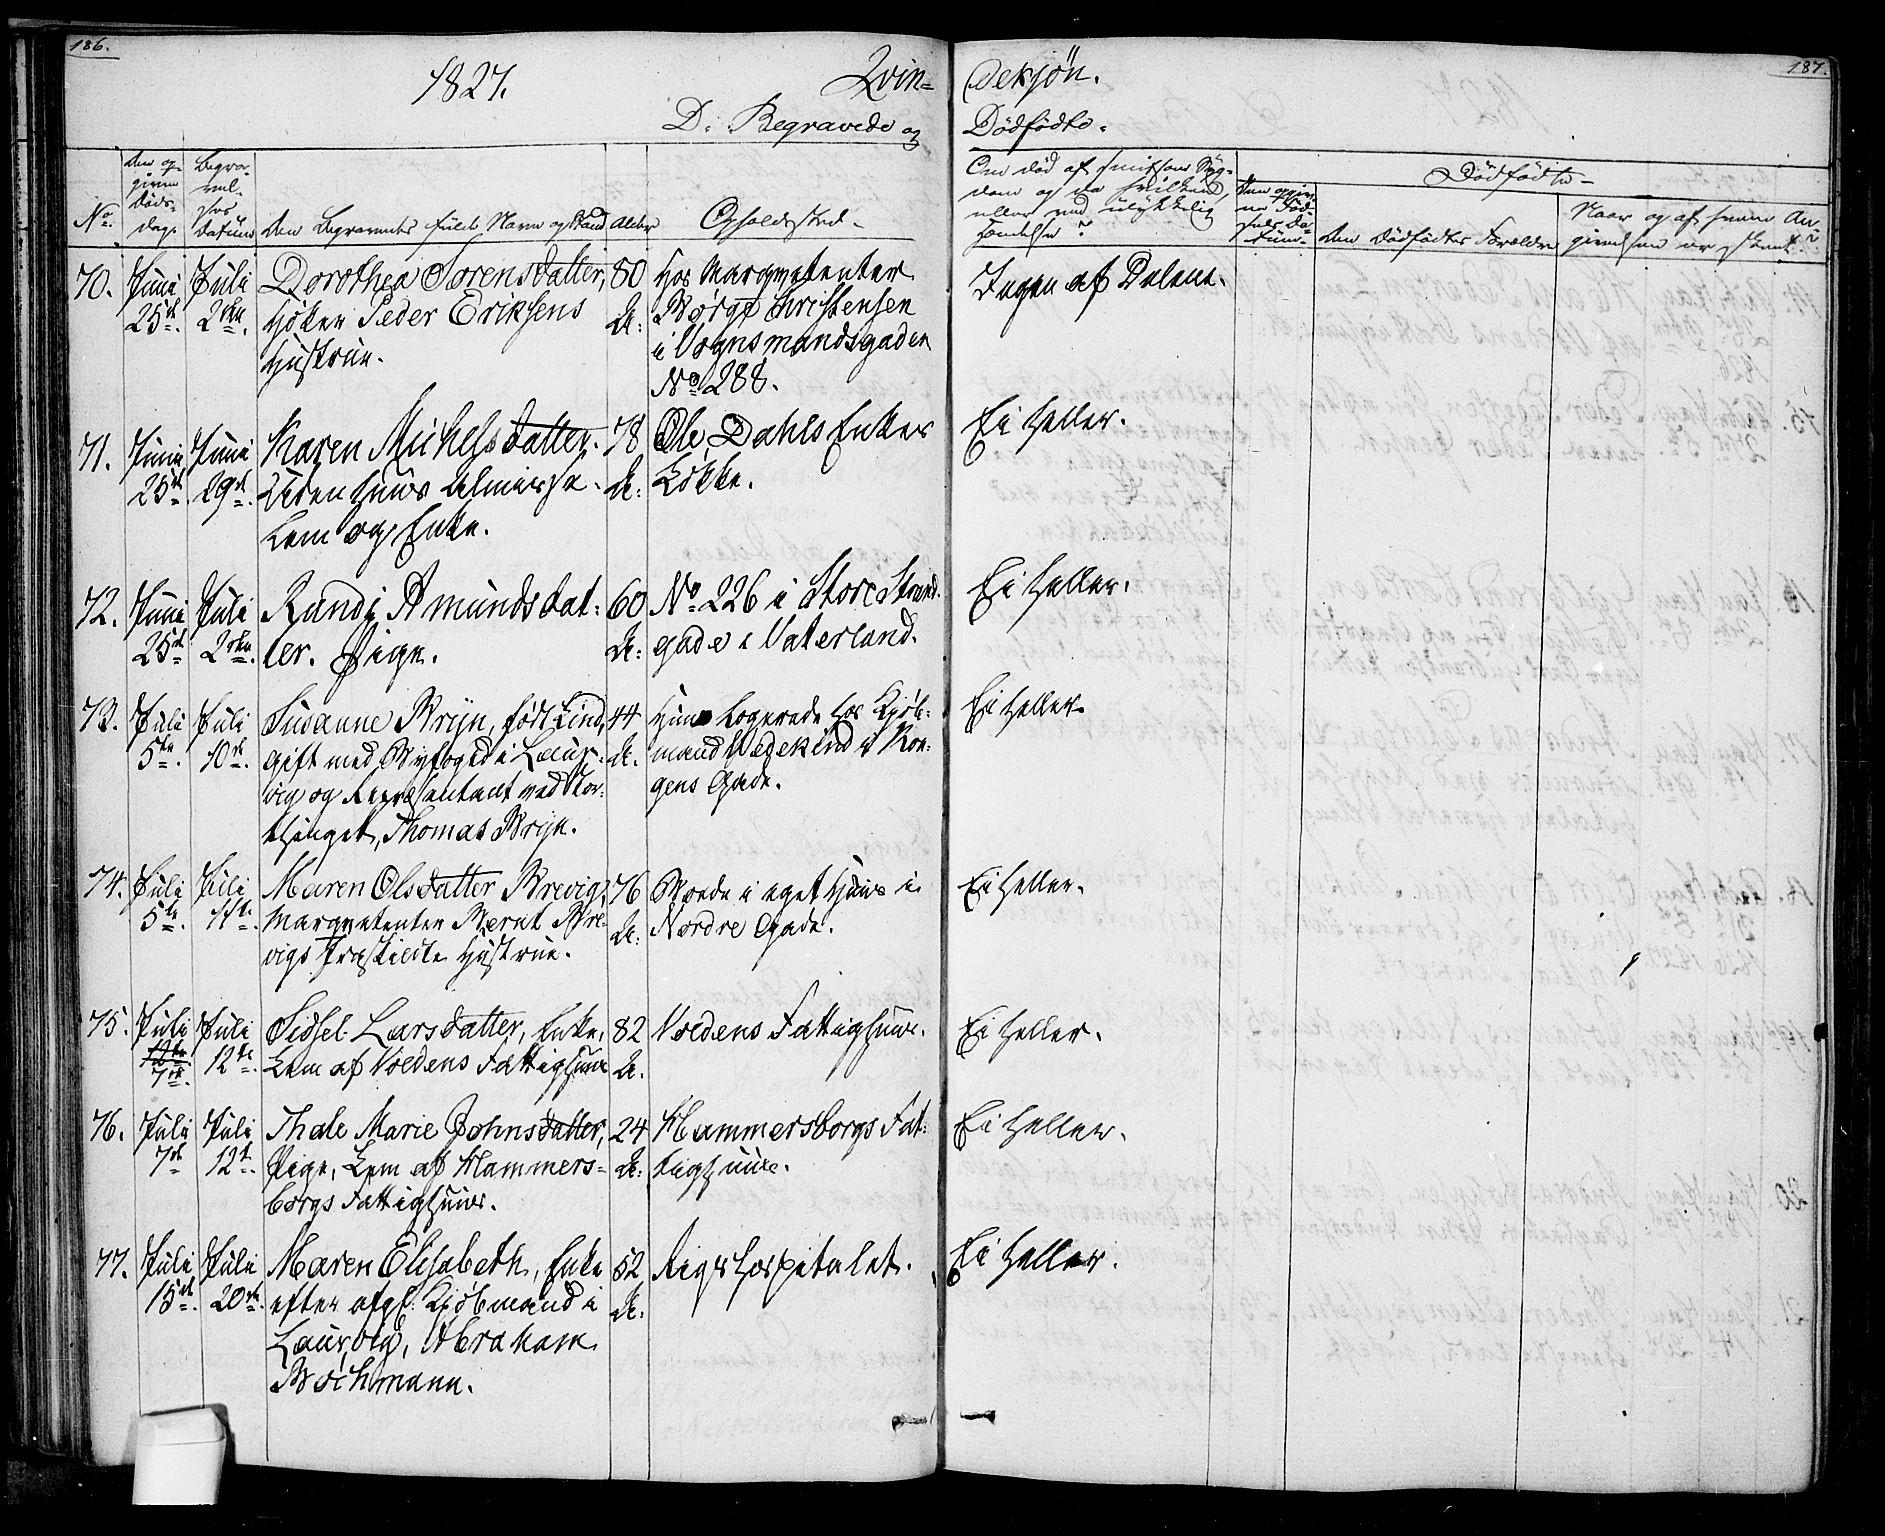 SAO, Oslo domkirke Kirkebøker, F/Fa/L0022: Ministerialbok nr. 22, 1824-1829, s. 186-187